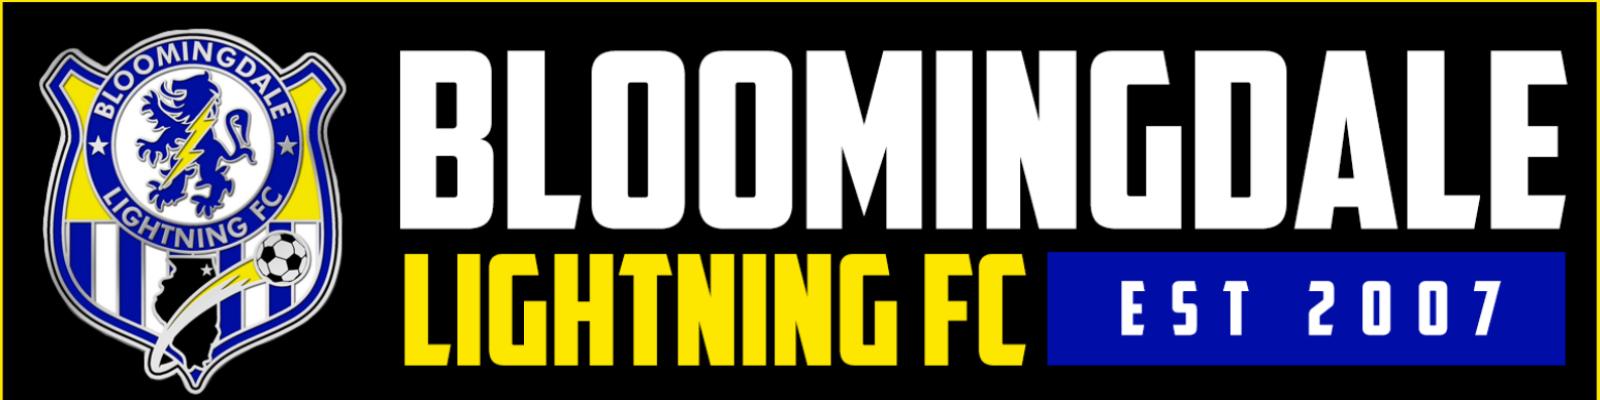 Bloomingdalefc websiteheader 2